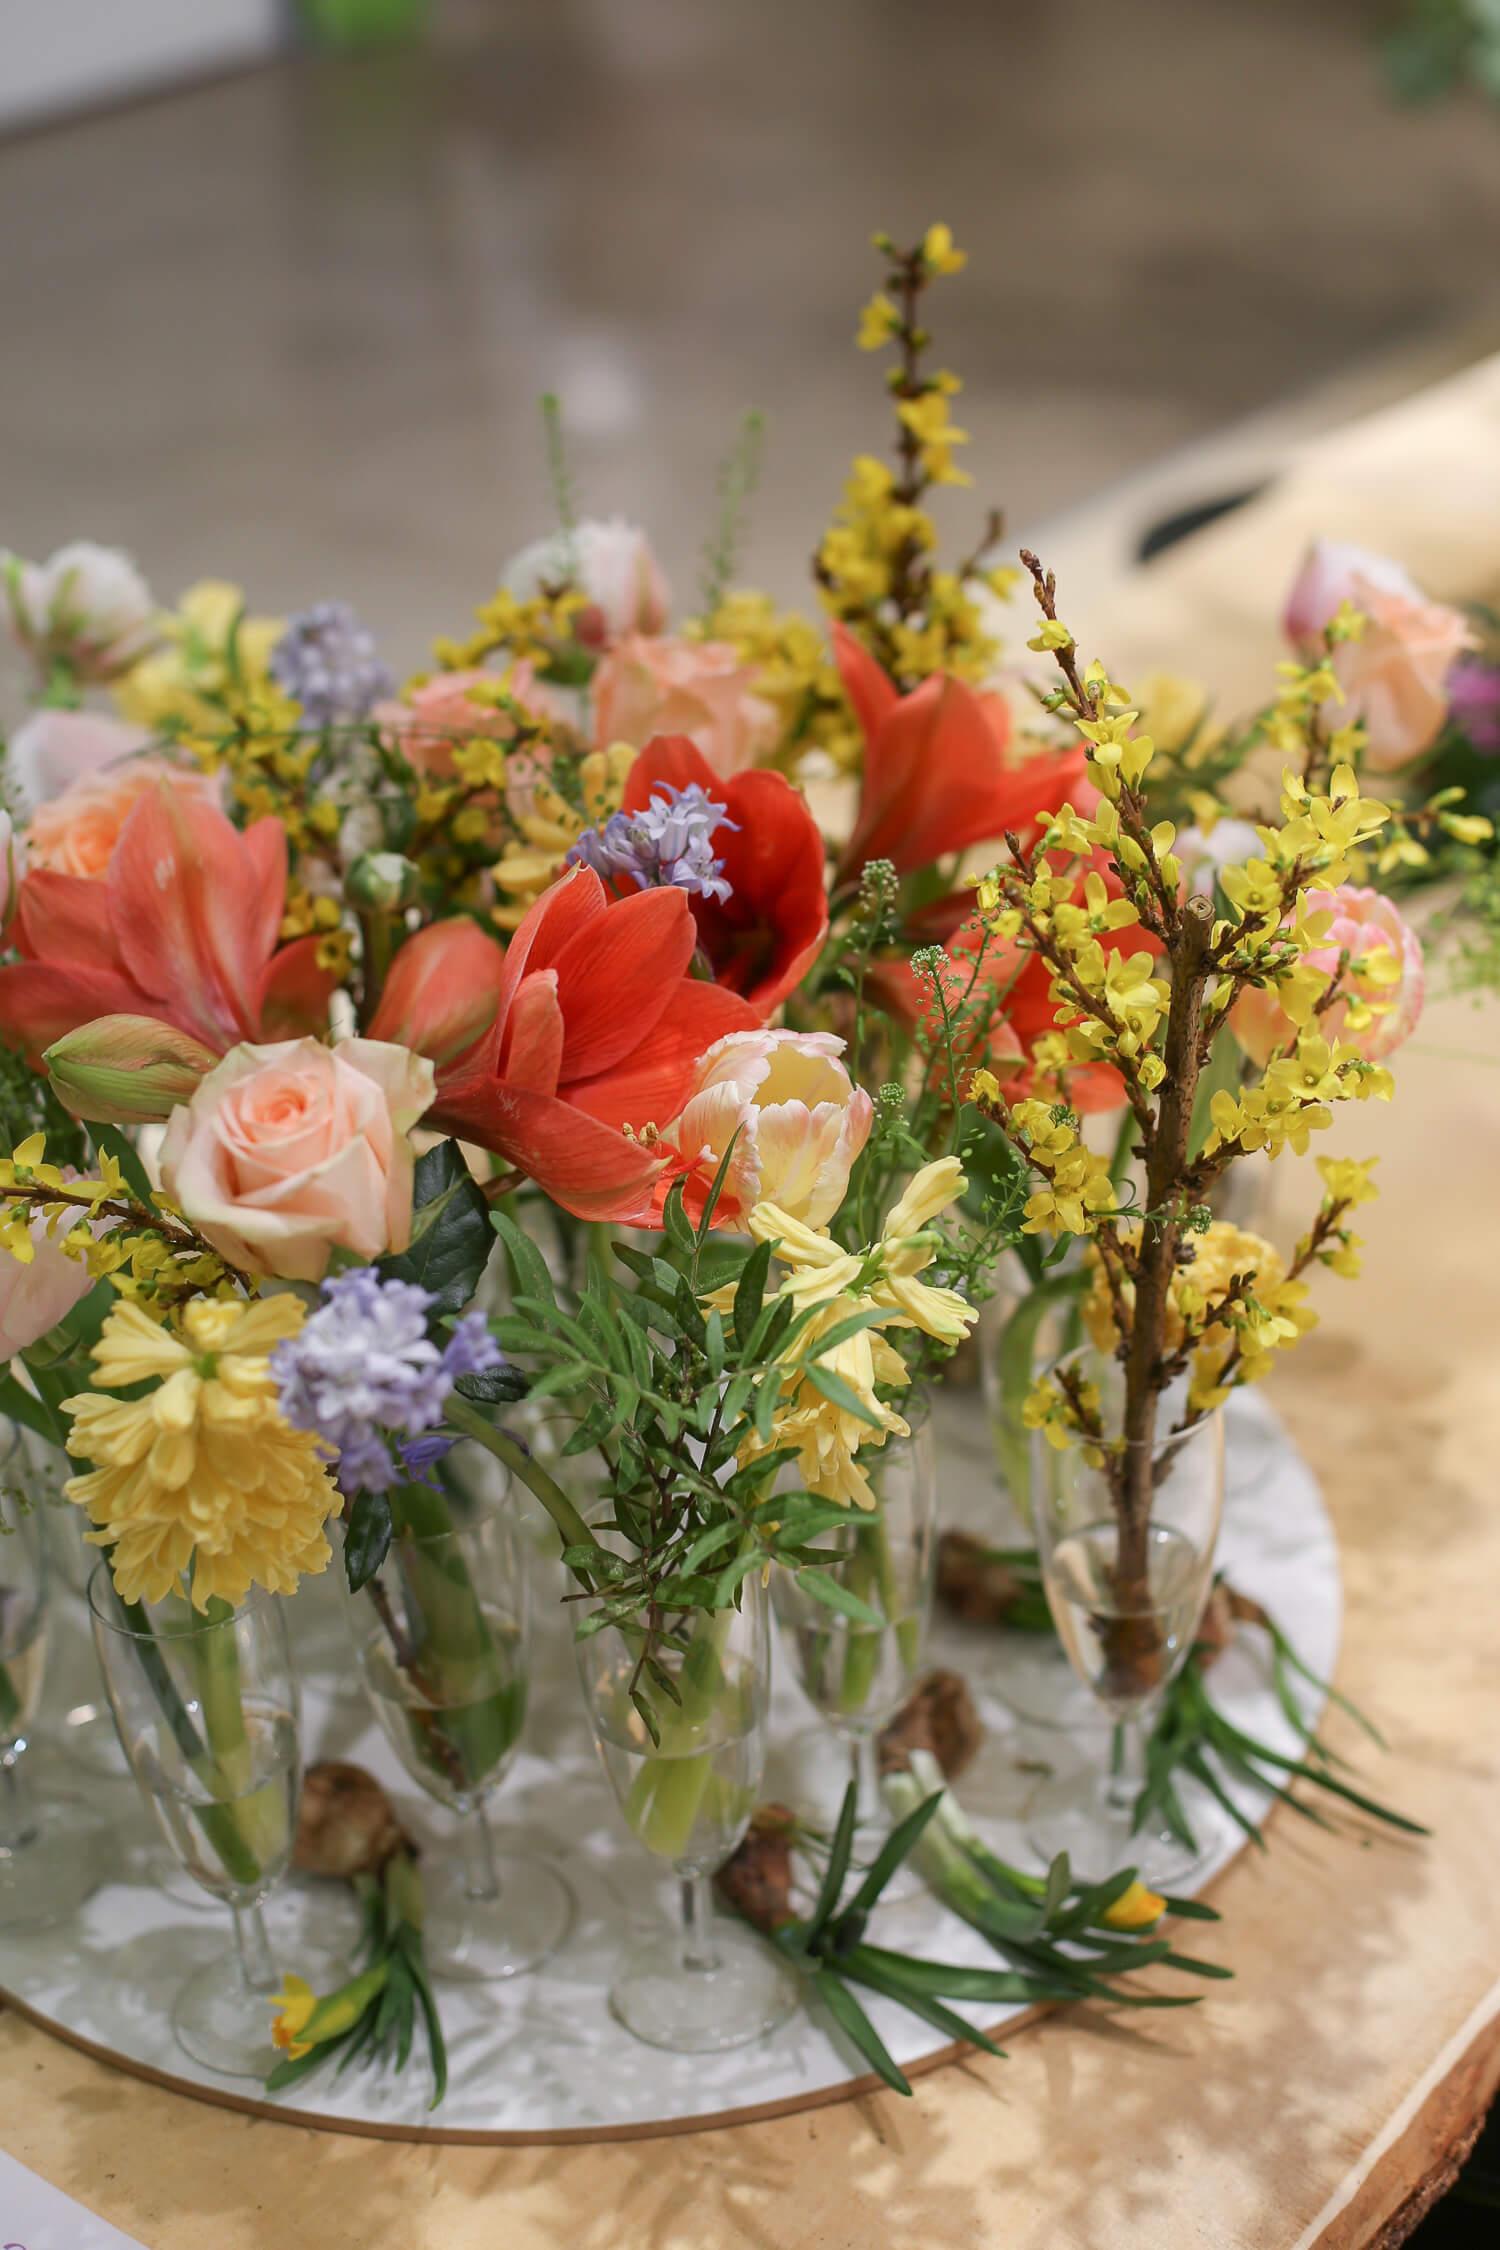 Helppo ja näyttävä asetelma syntyy puutarhajuhliin kun teet kukkaryhmän kuohuviinilaseista ja täytät ne kukkasilla.